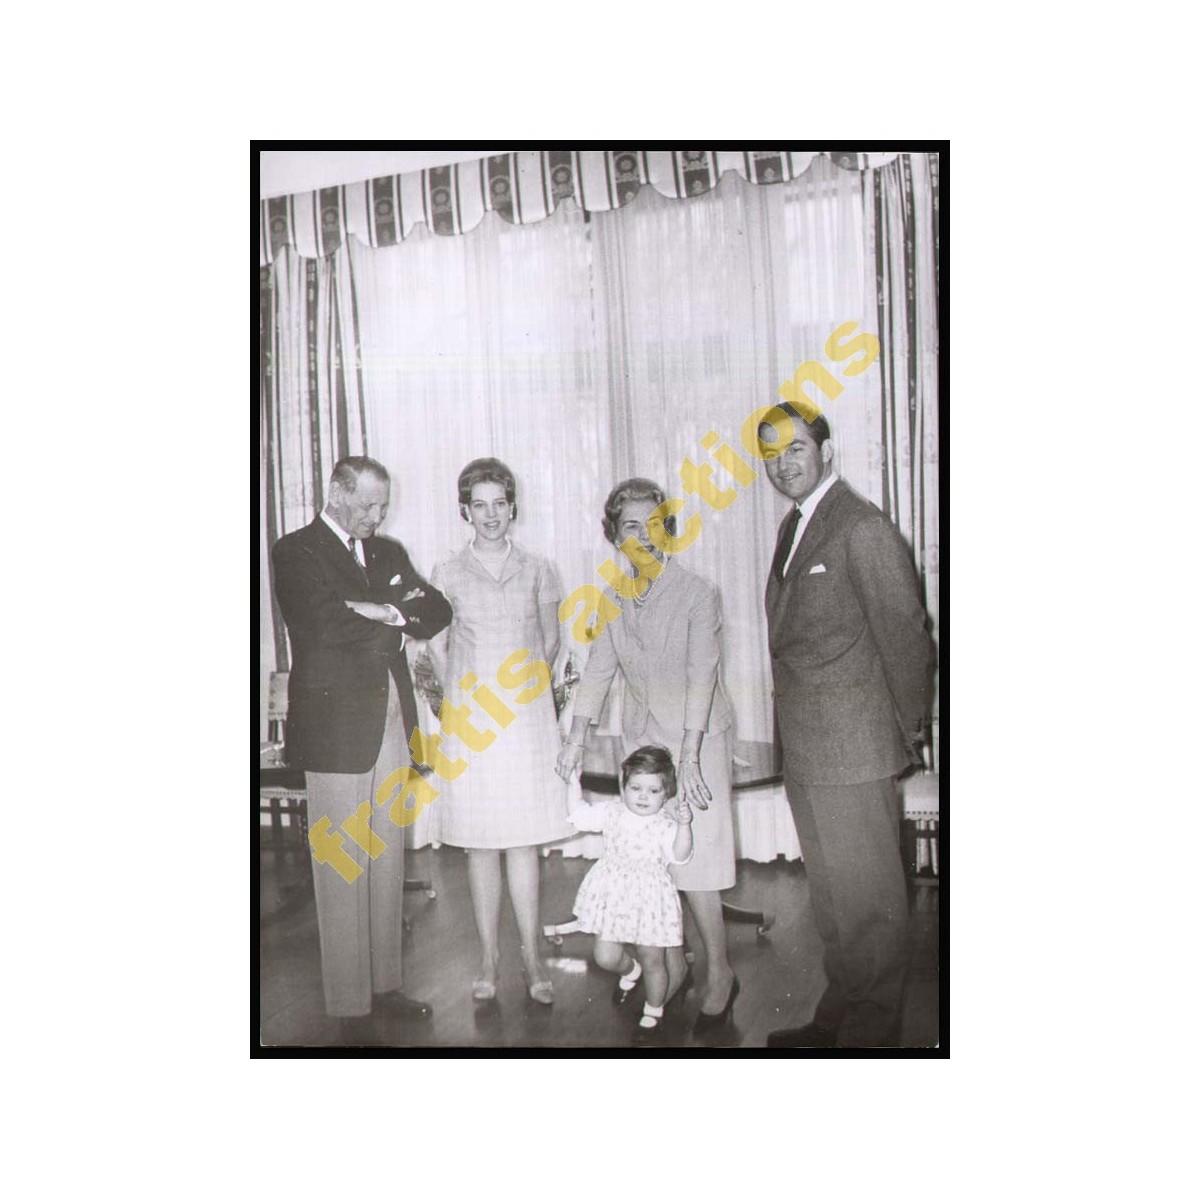 Φωτογραφία οικογενειακή των Βασιλέων Ελλάδας και Δανίας.